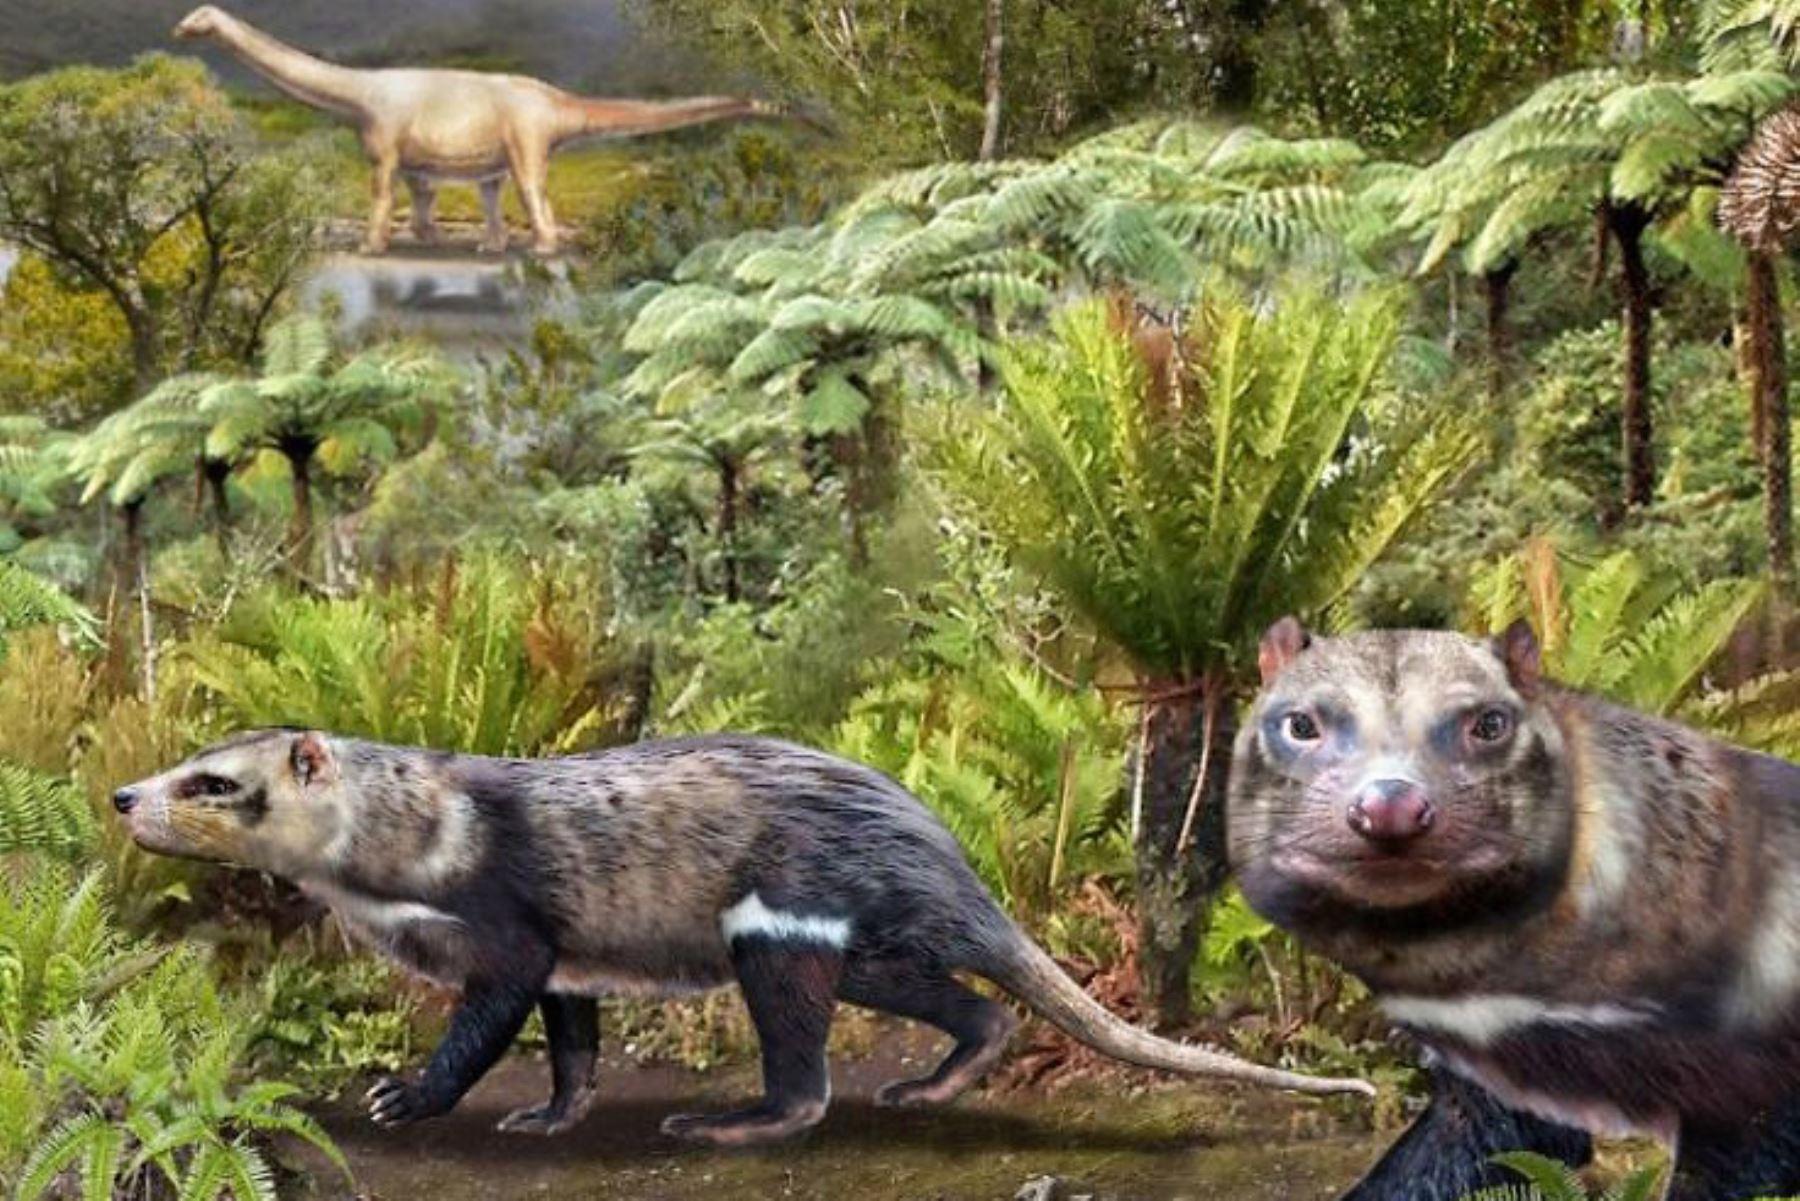 El hallazgo se produjo en un lugar que se cree es uno de los reservorios de fósiles de dinosaurios más grandes de la región. Foto: Instituto Antártico Chileno